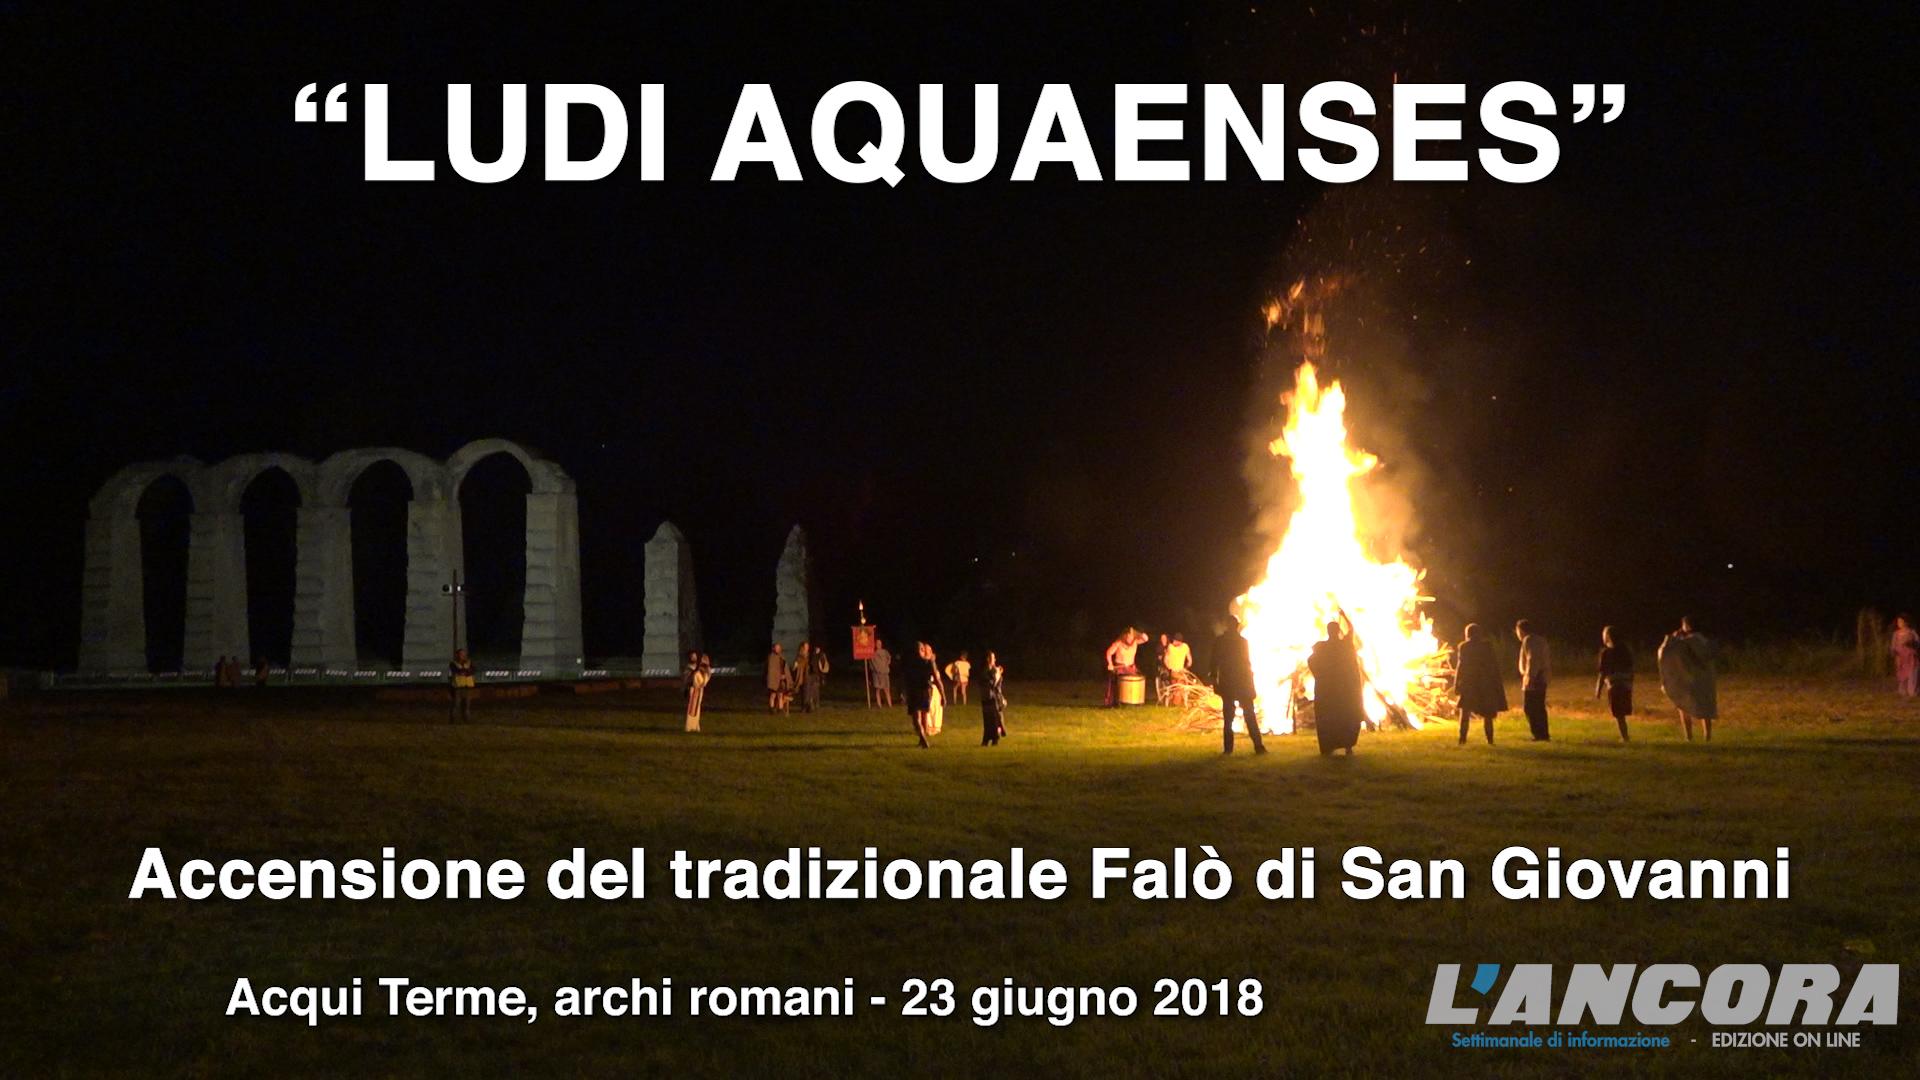 LUDI AQUAENSES - Accensione del tradizionale Falò di San Giovanni (VIDEO)